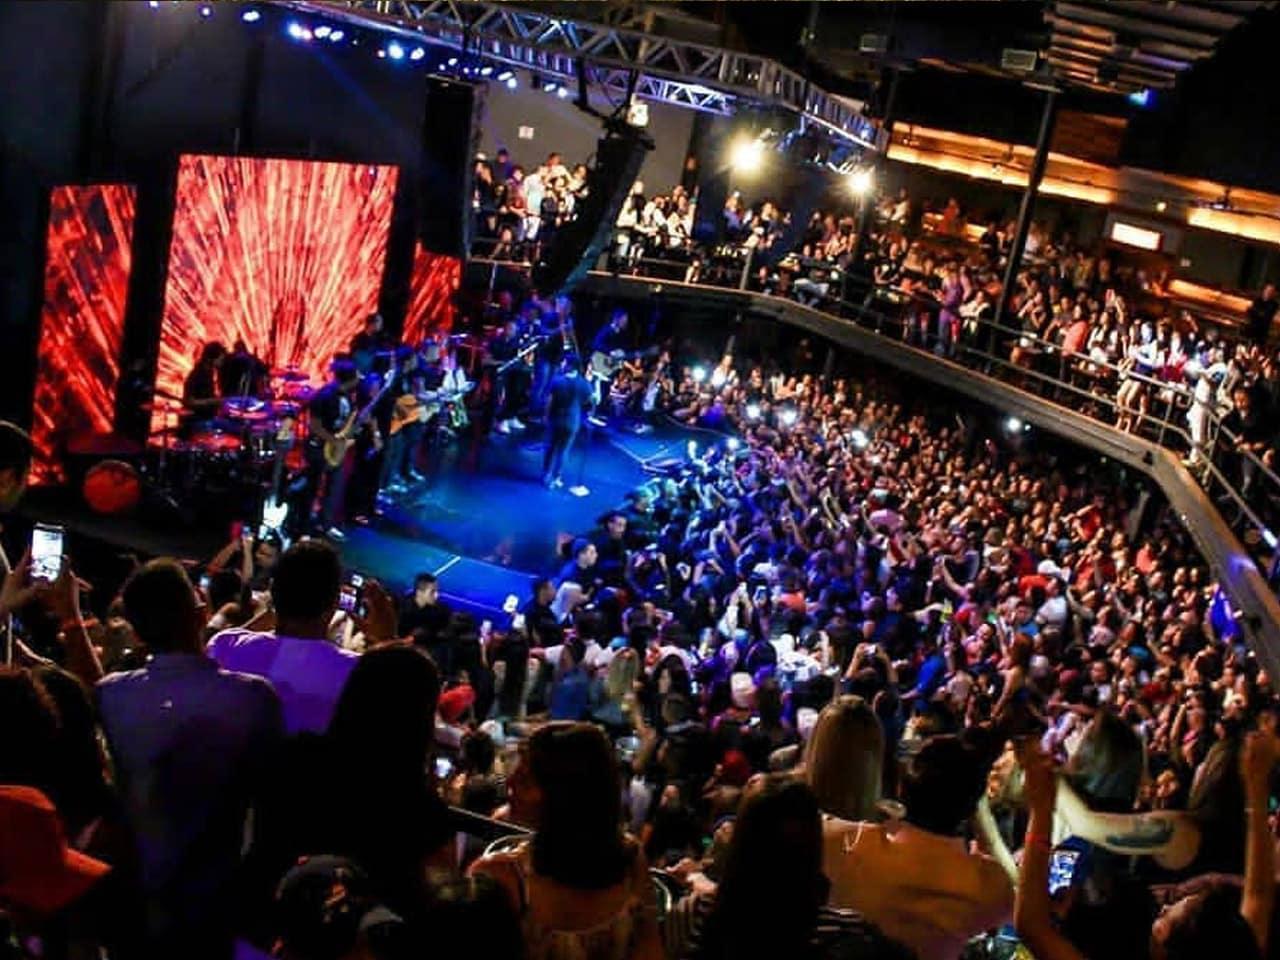 casa de show sertanejo SP